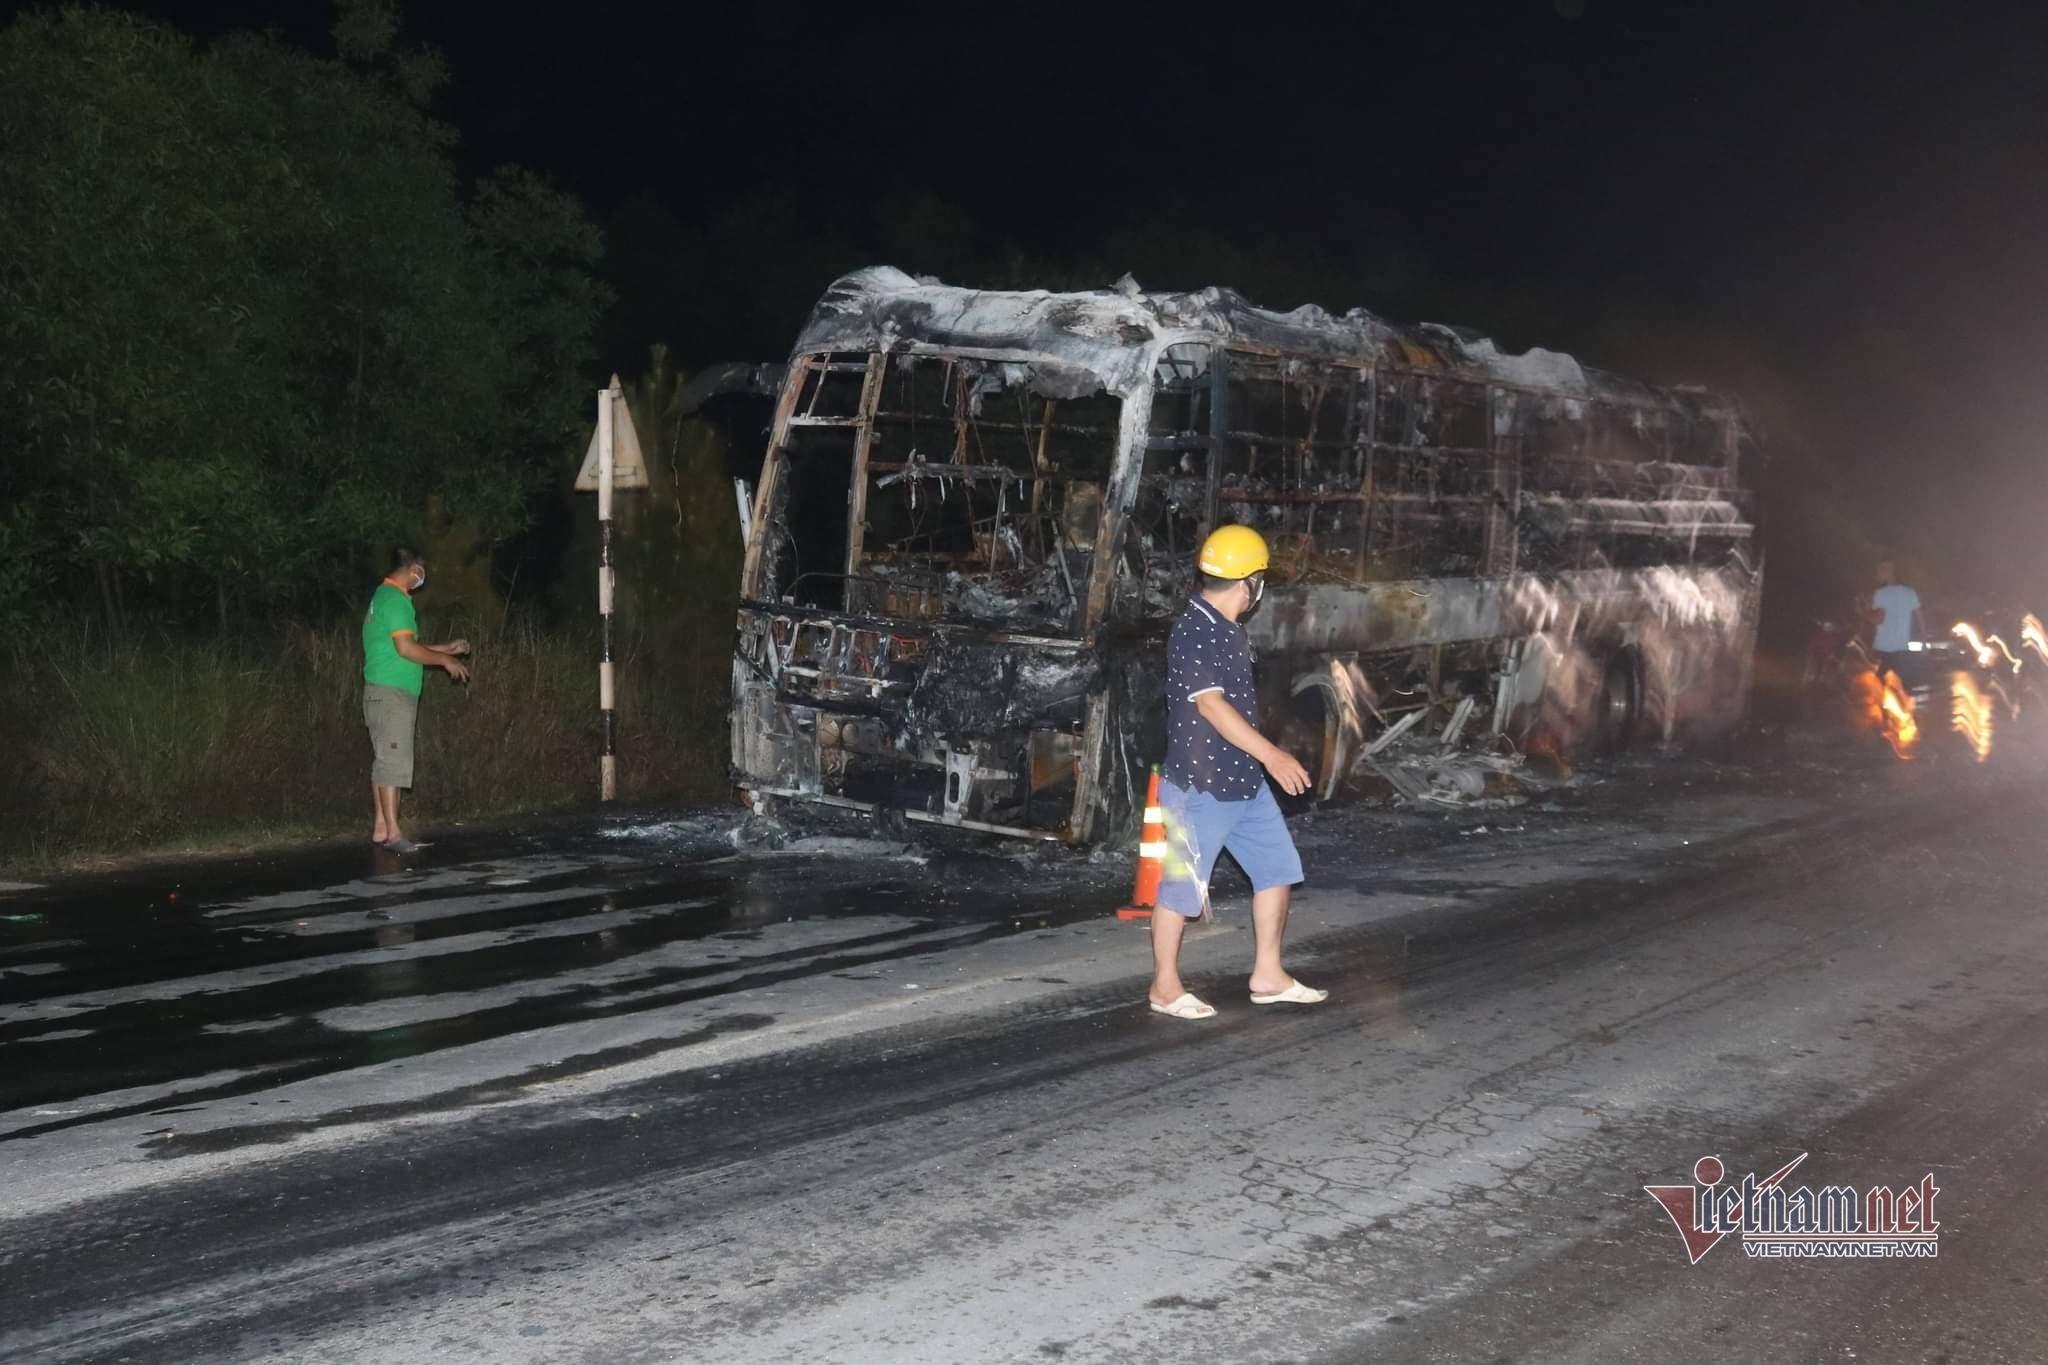 Xe khách giường nằm chở 10 người bốc cháy ngùn ngụt